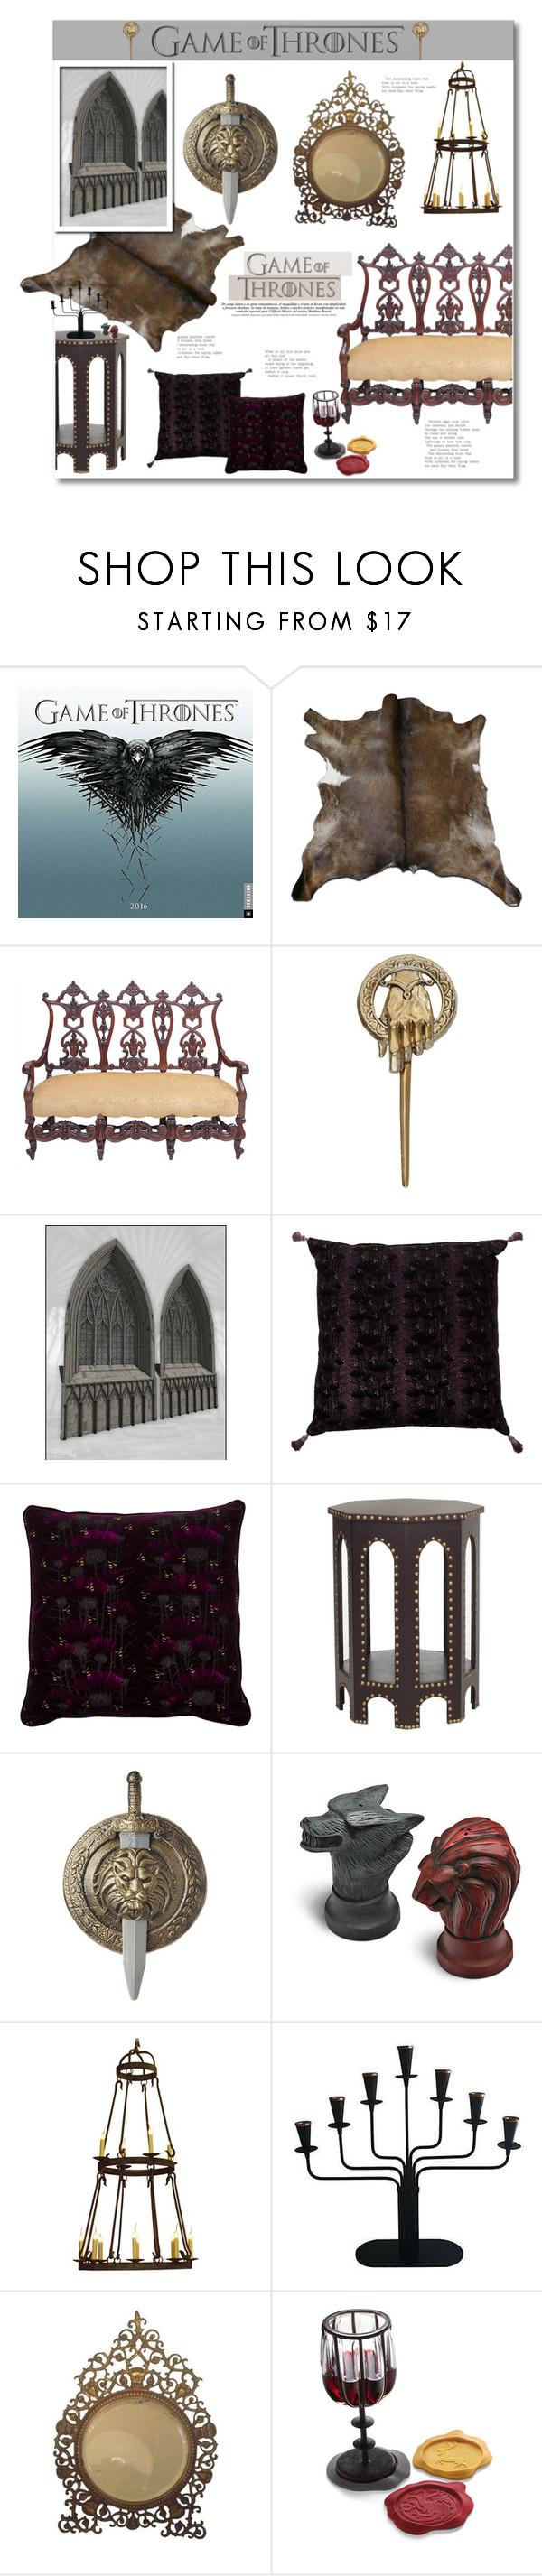 Game Of Thrones Game Of Thrones Bedroom Game Of Thrones Decor Interior Design Games